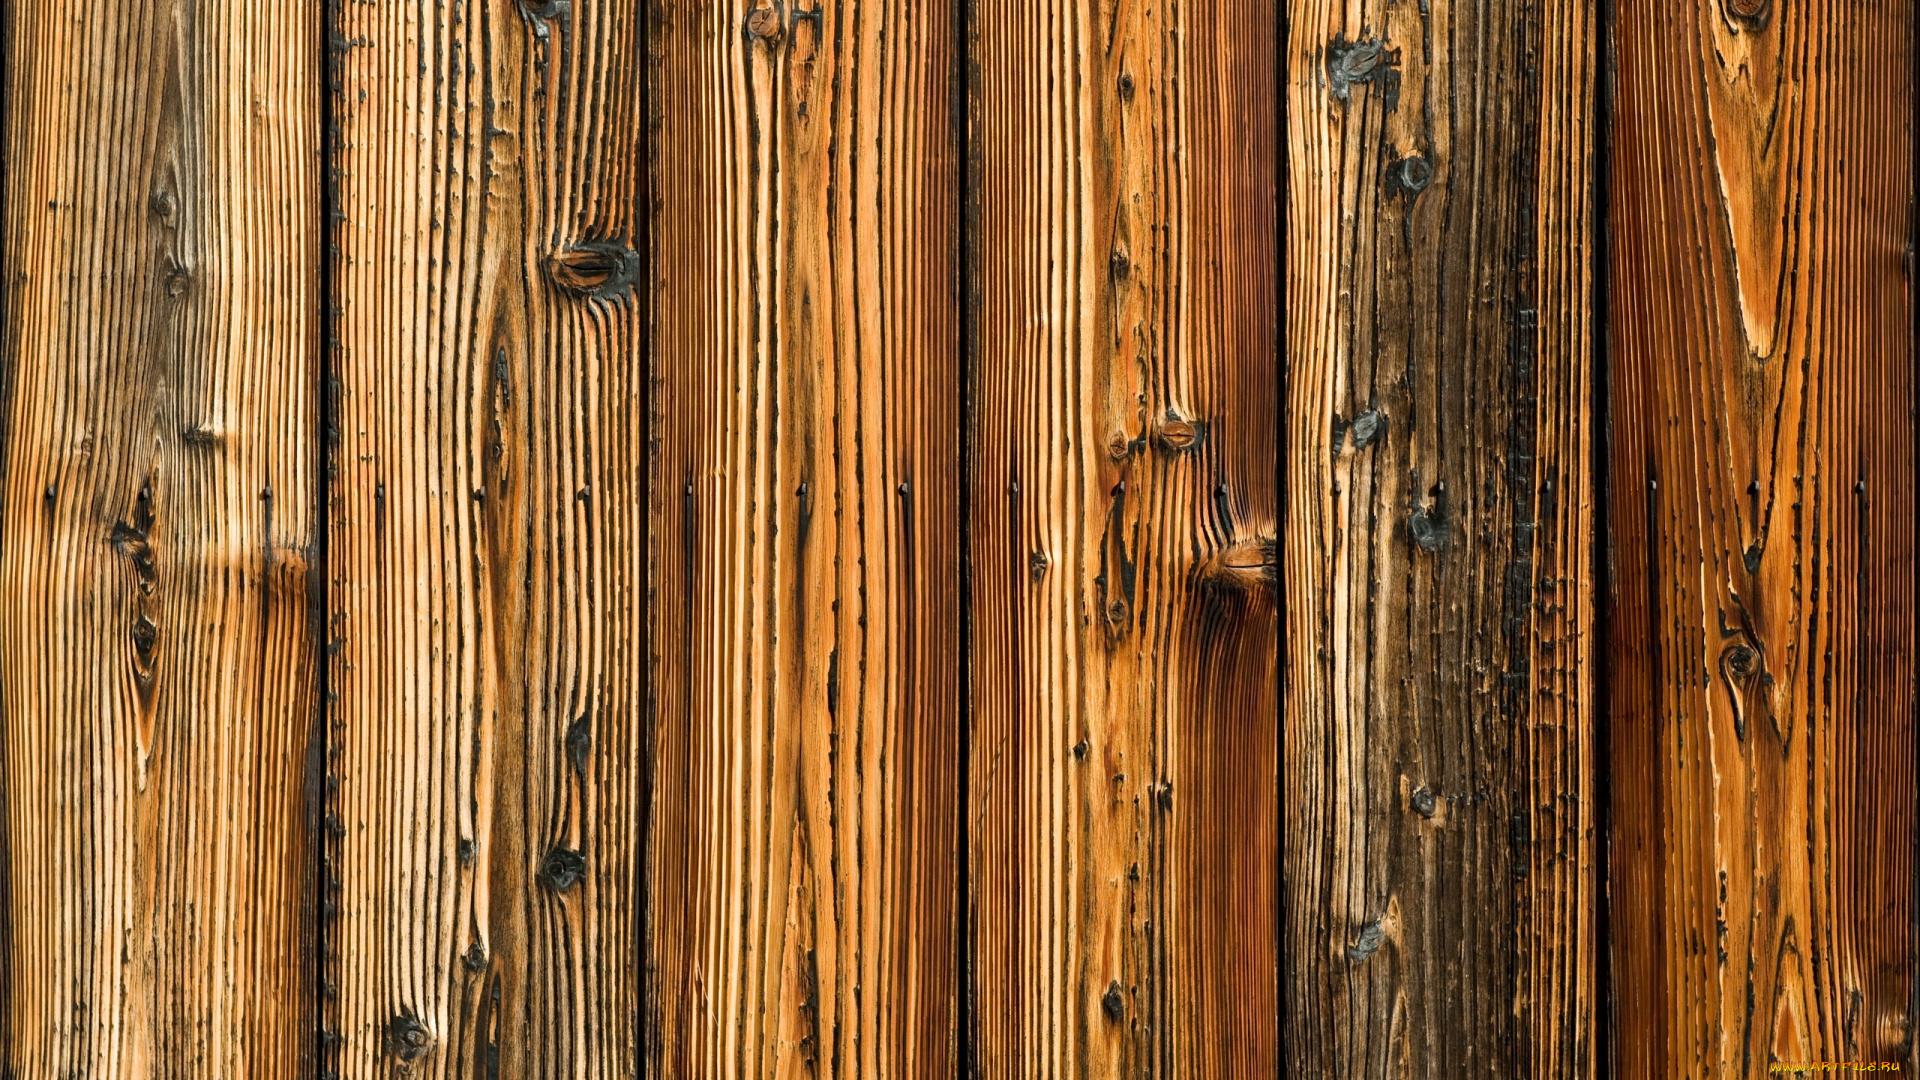 сердце древесина бревно в хорошем качестве